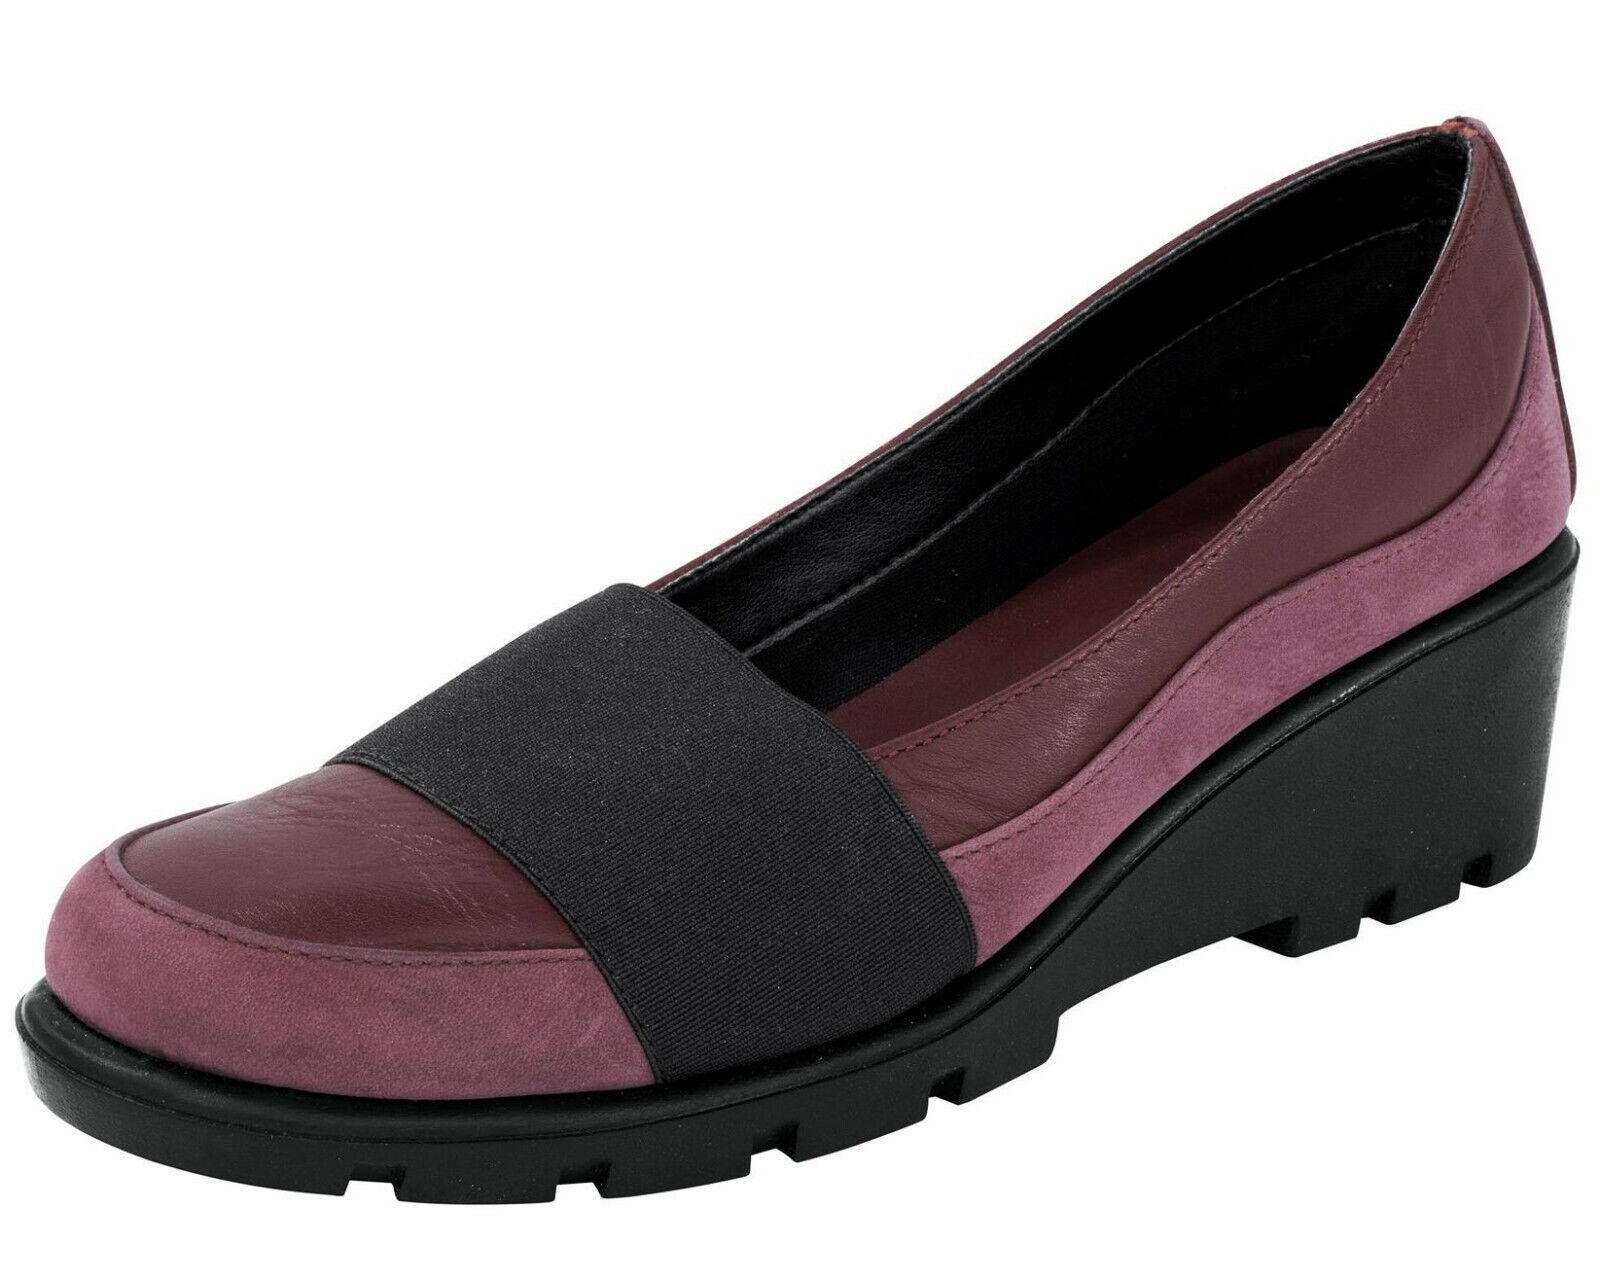 The Flexx  Ballerine 42 Chaussure A Talons Escarpins Cuir Véritable Cuir Bordeaux rouge Nouveau